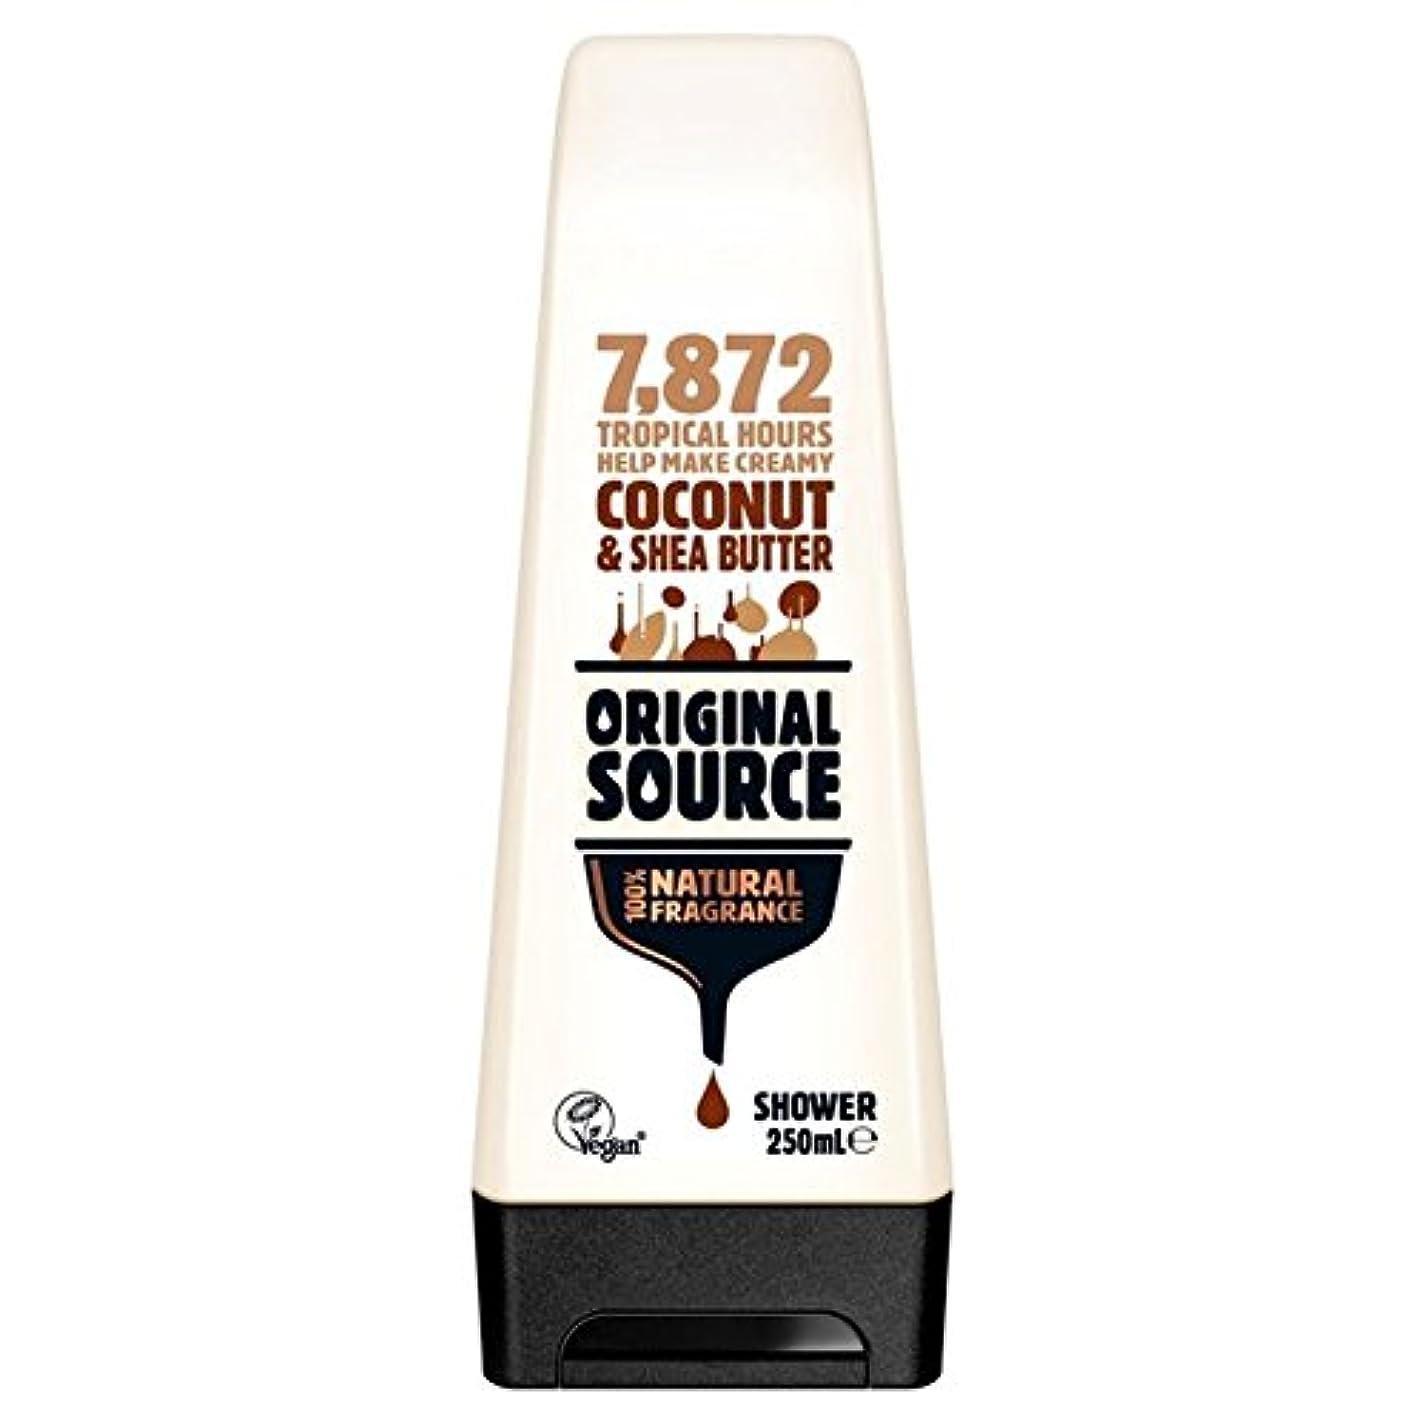 勃起糸要求する元のソース保湿ココナッツ&シアバターシャワージェル250ミリリットル x4 - Original Source Moisturising Coconut & Shea Butter Shower Gel 250ml (Pack of 4) [並行輸入品]